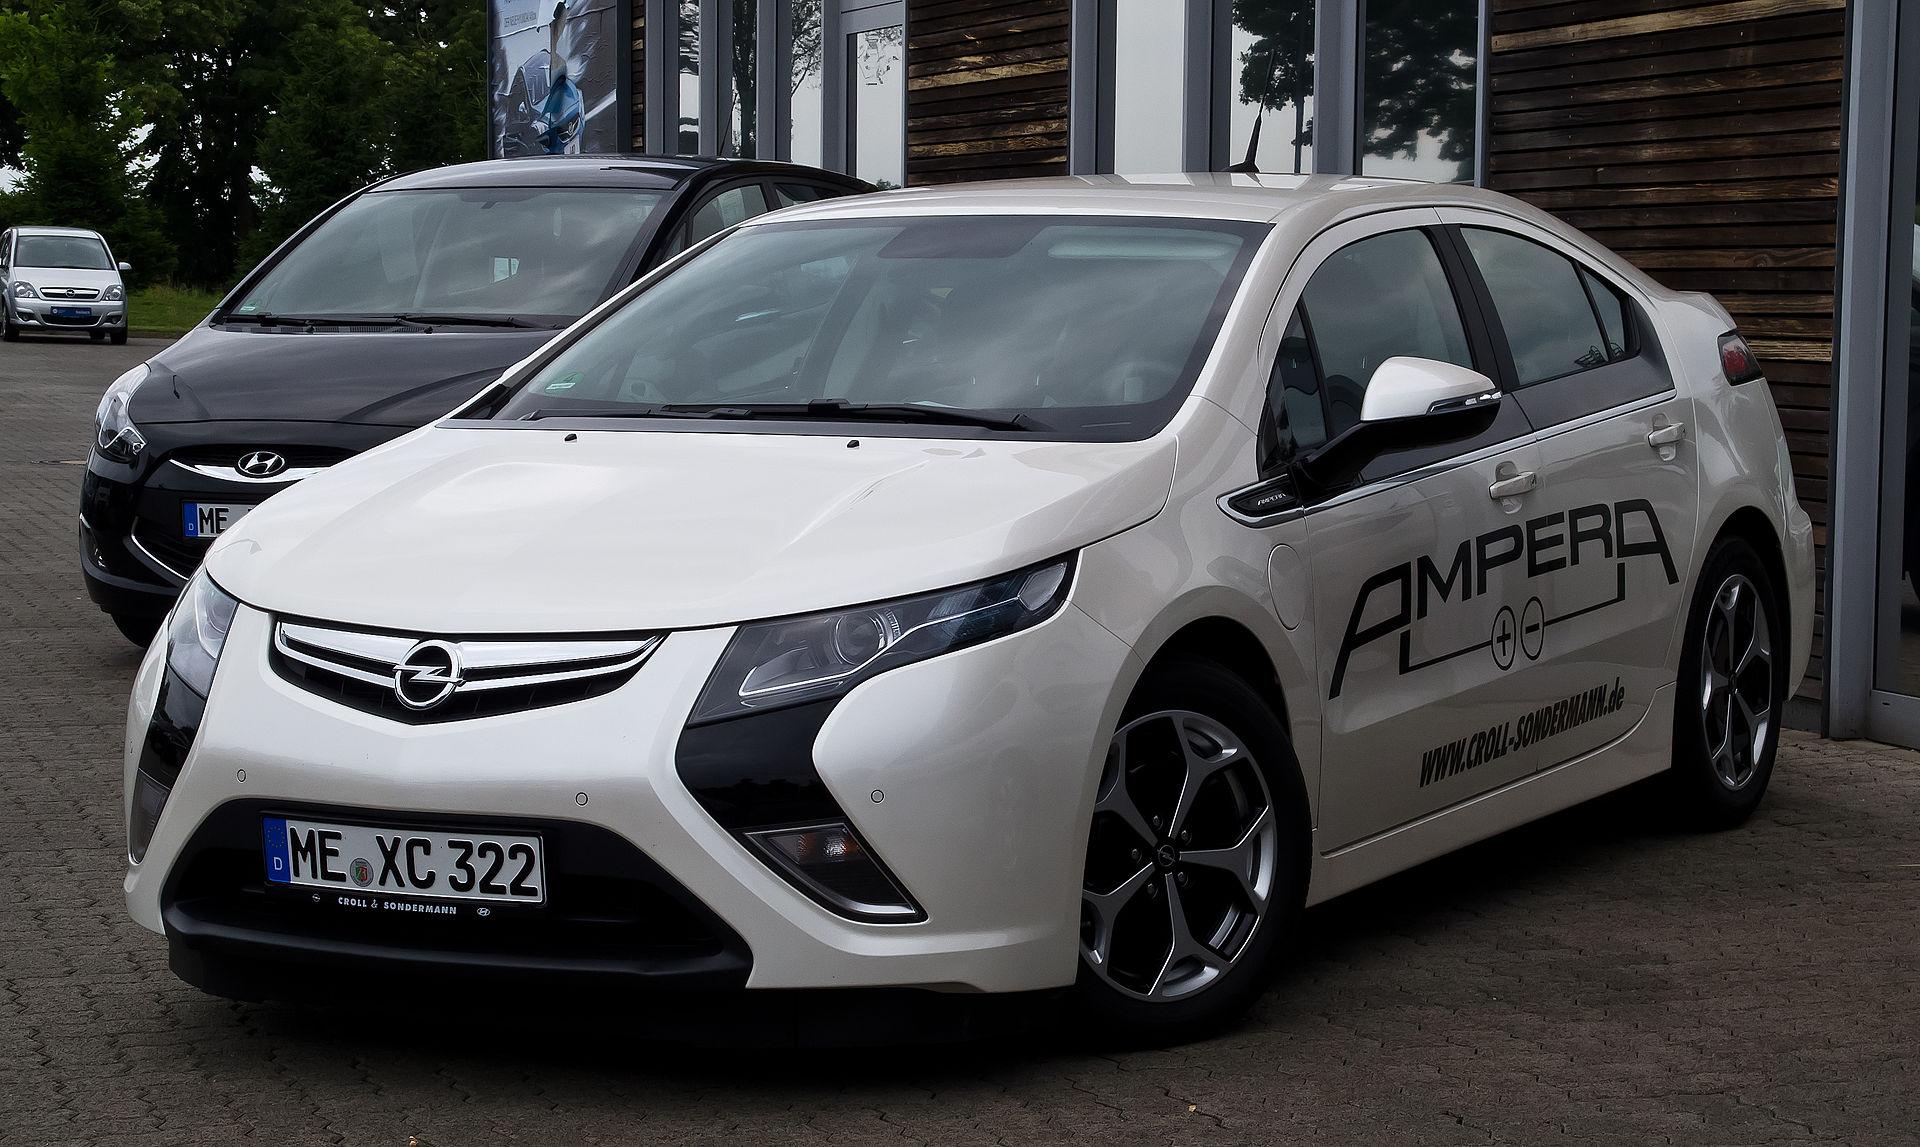 Px Opel Ampera Epionier Edition E Frontansicht C Juli C Heiligenhaus